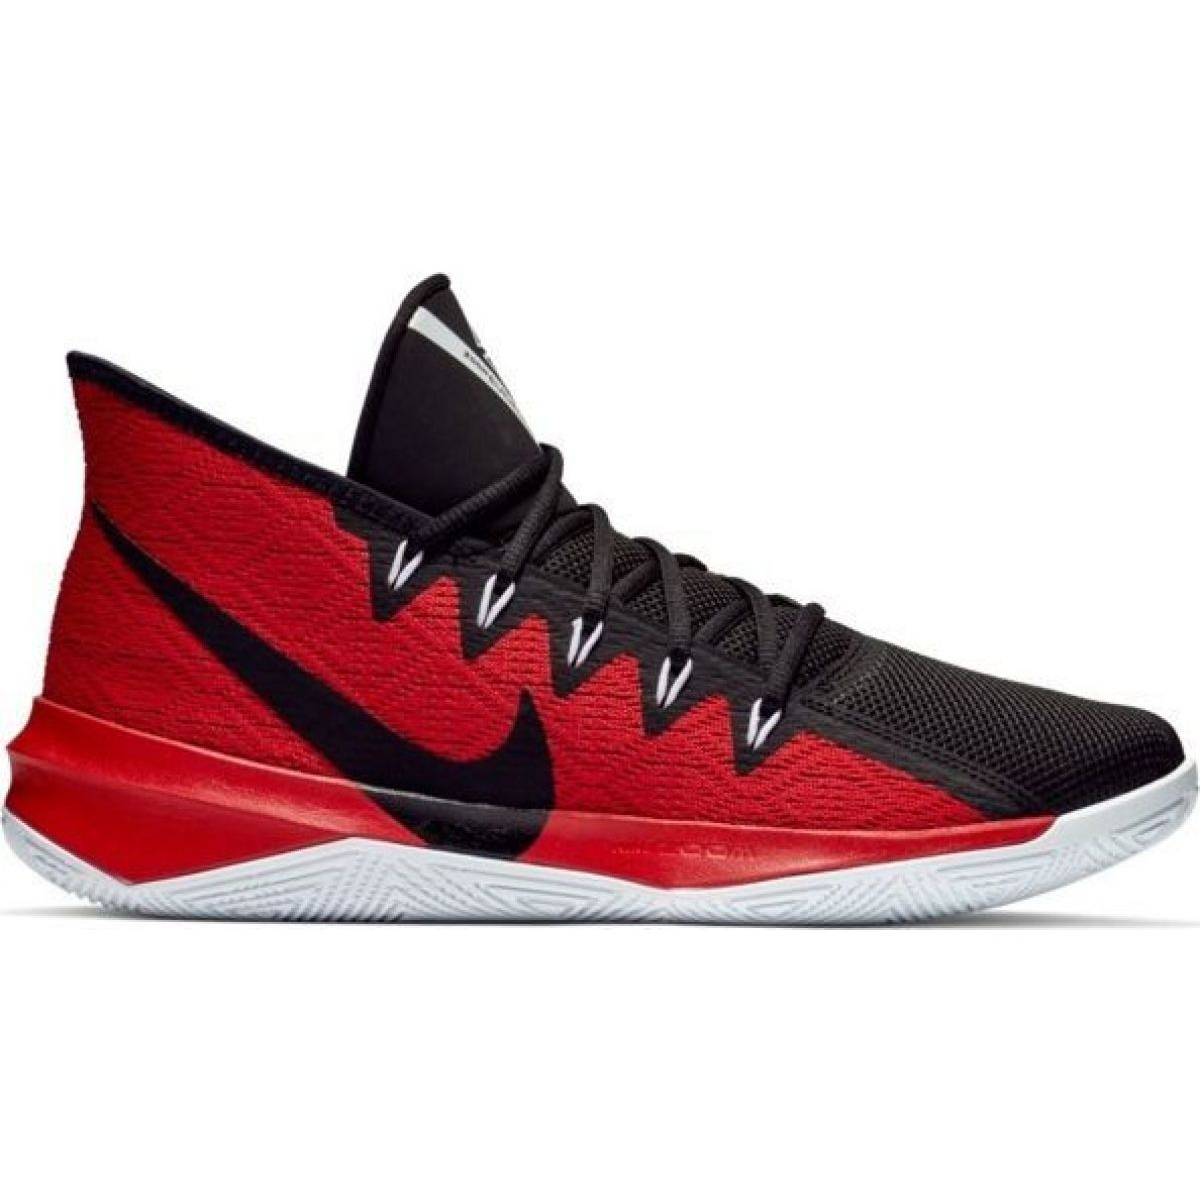 Nike Zoom Evidence Iii M AJ5904 001 fekete és piros cipő fekete, piros